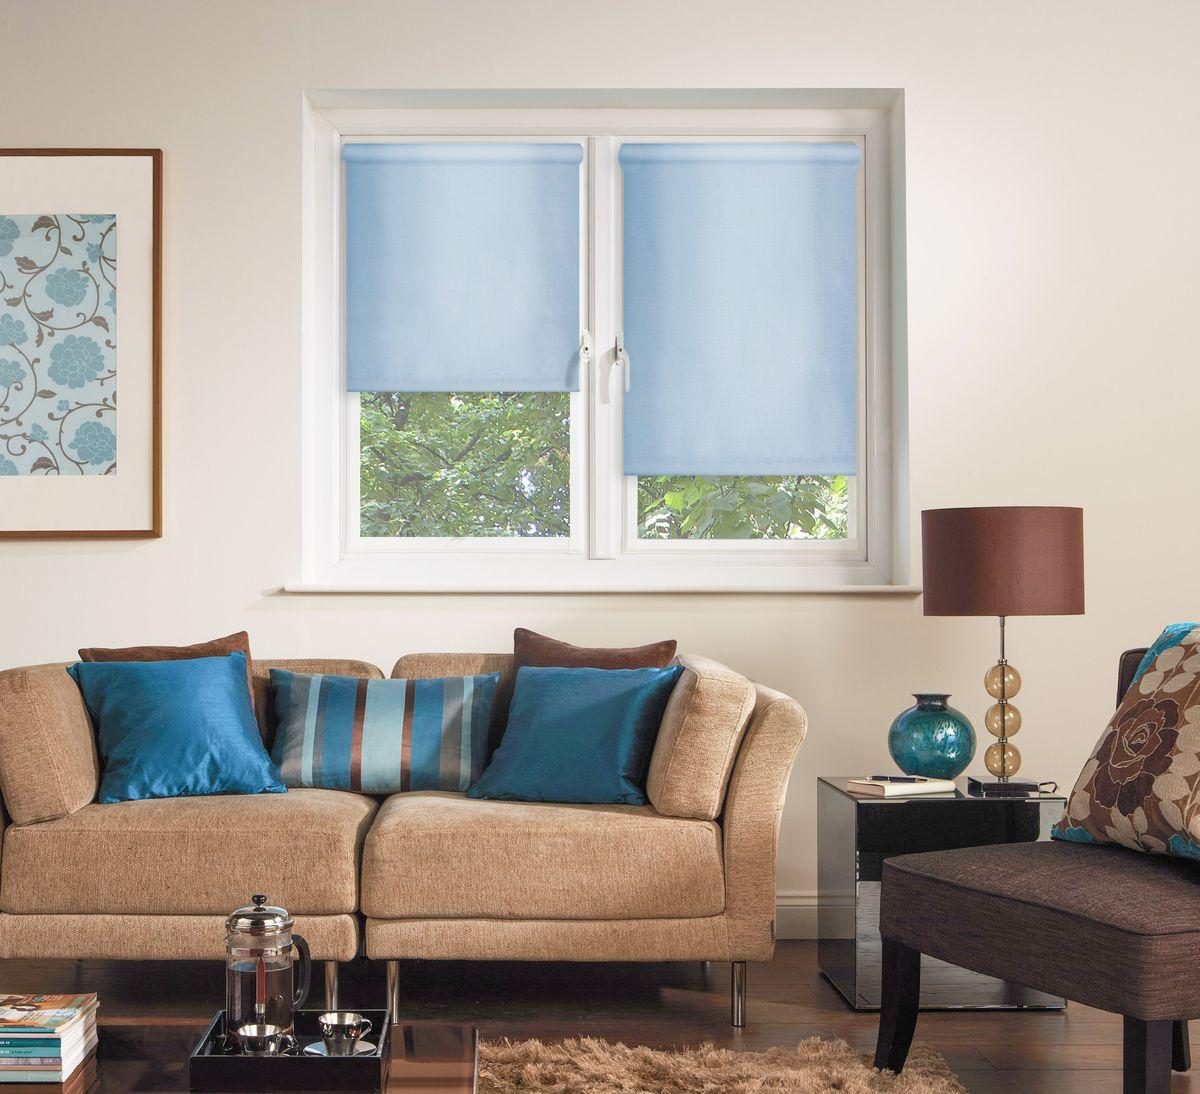 Штора рулонная Эскар Миниролло, цвет: голубой, ширина 90 см, высота 170 см31005090170Рулонная штора Эскар Миниролло выполнена из высокопрочной ткани, которая сохраняет свой размер даже при намокании. Ткань не выцветает и обладает отличной цветоустойчивостью. Миниролло - это подвид рулонных штор, который закрывает не весь оконный проем, а непосредственно само стекло. Такие шторы крепятся на раму без сверления при помощи зажимов или клейкой двухсторонней ленты (в комплекте). Окно остается на гарантии, благодаря монтажу без сверления. Такая штора станет прекрасным элементом декора окна и гармонично впишется в интерьер любого помещения.